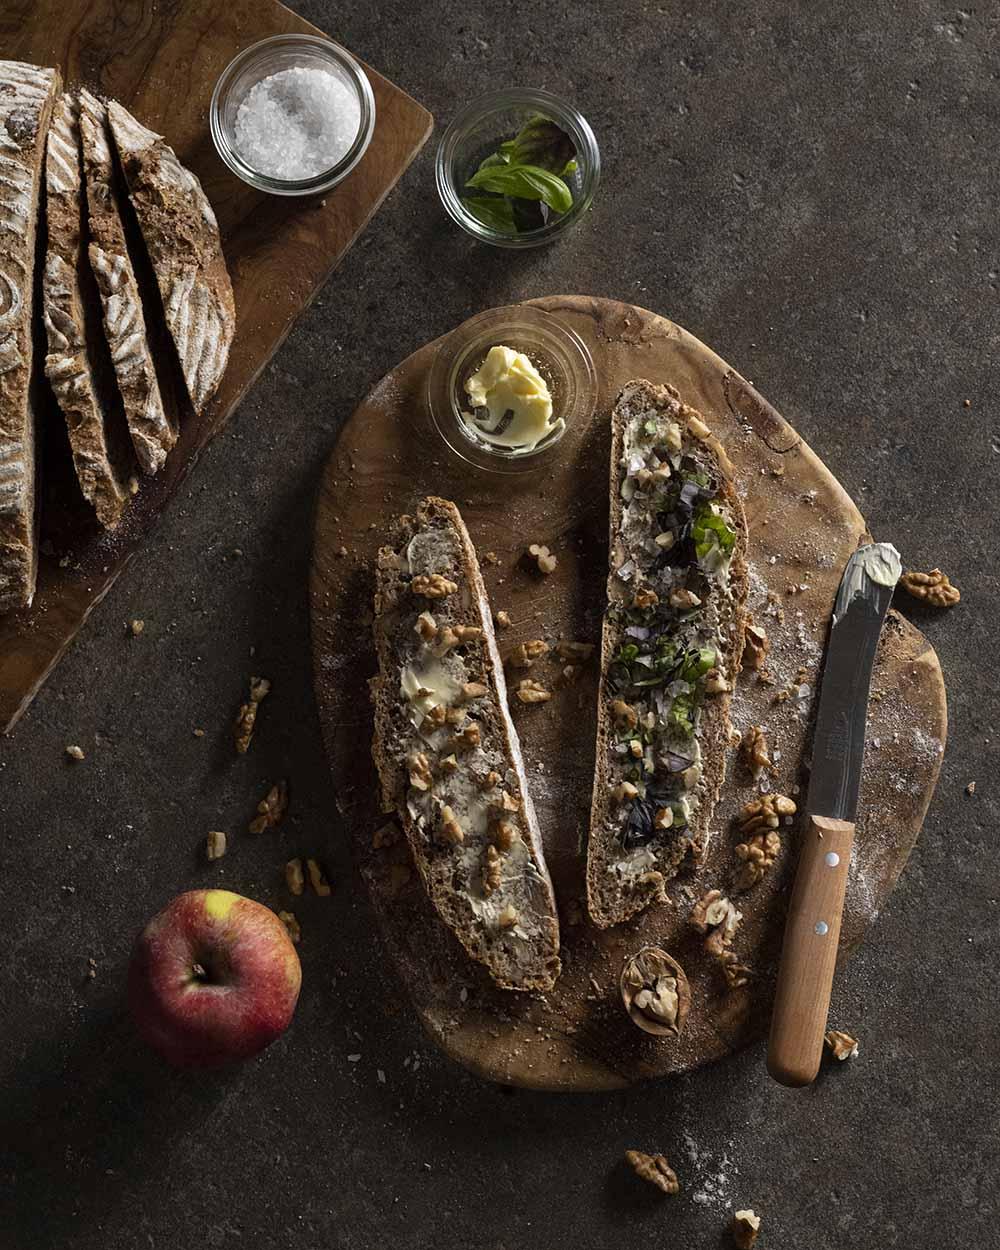 Fertig gebackenes Walnussbrot aus Vollkornteig mit Nüssen und ÄpfelnÄpfeln